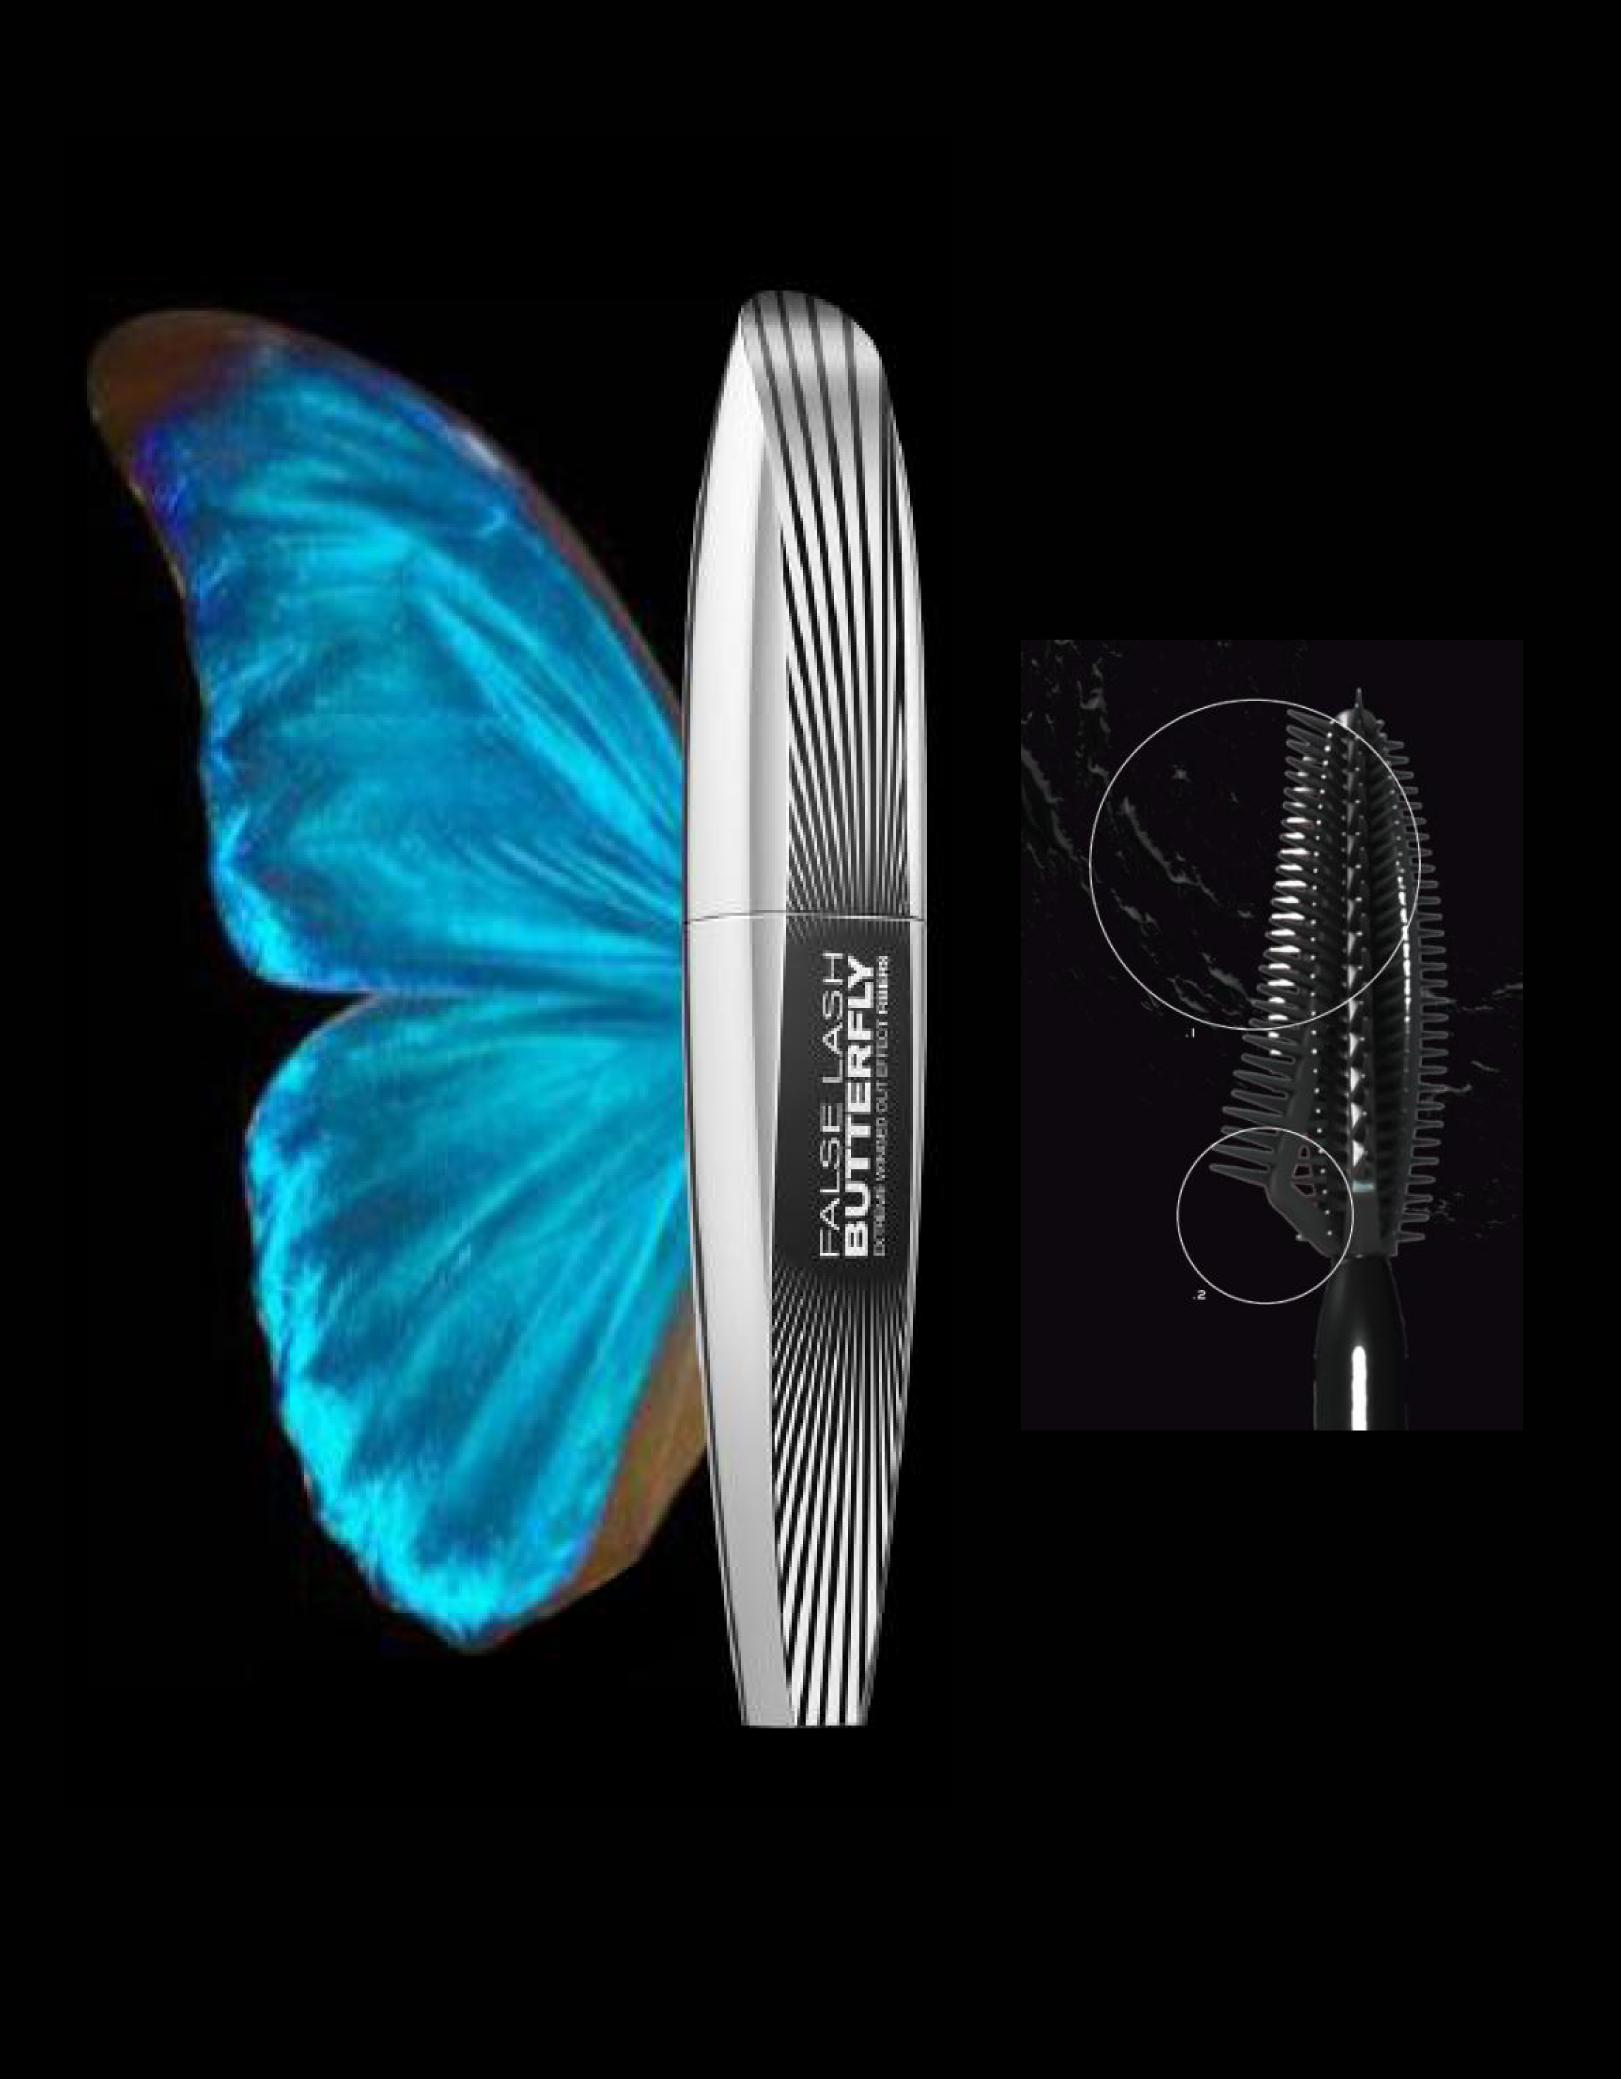 L'oreal тушь накладные ресницы крылья бабочки экстра-черная